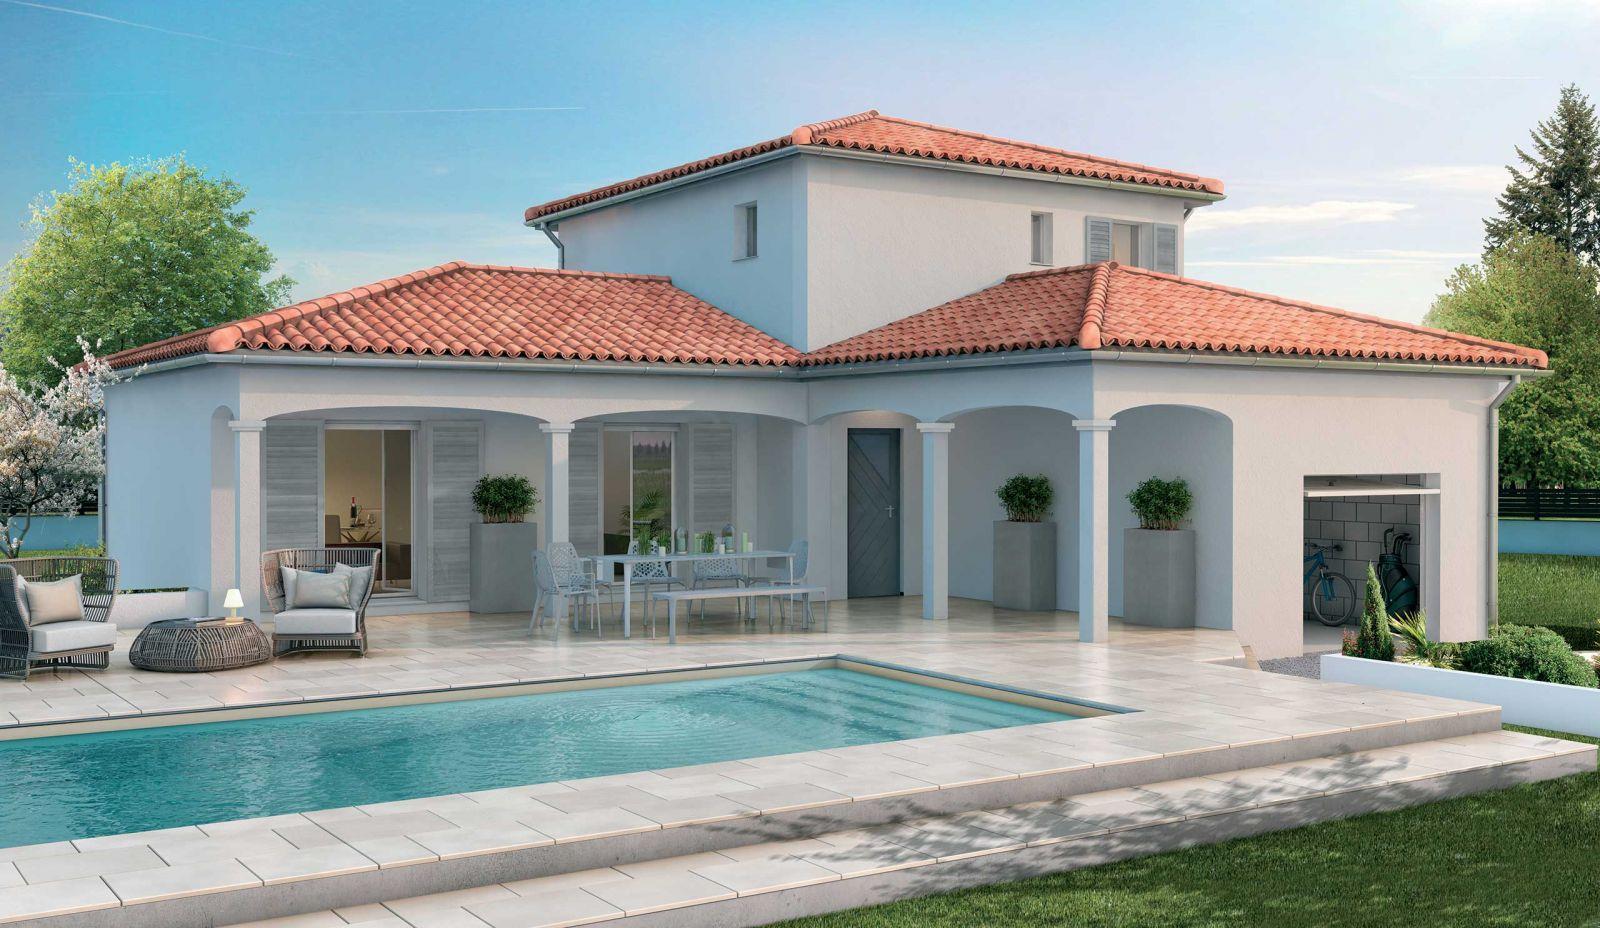 Maison de plus de 116 m² habitable + garage de 21 m² sur terrain viabilisé de 600 m² à Cestas 33610